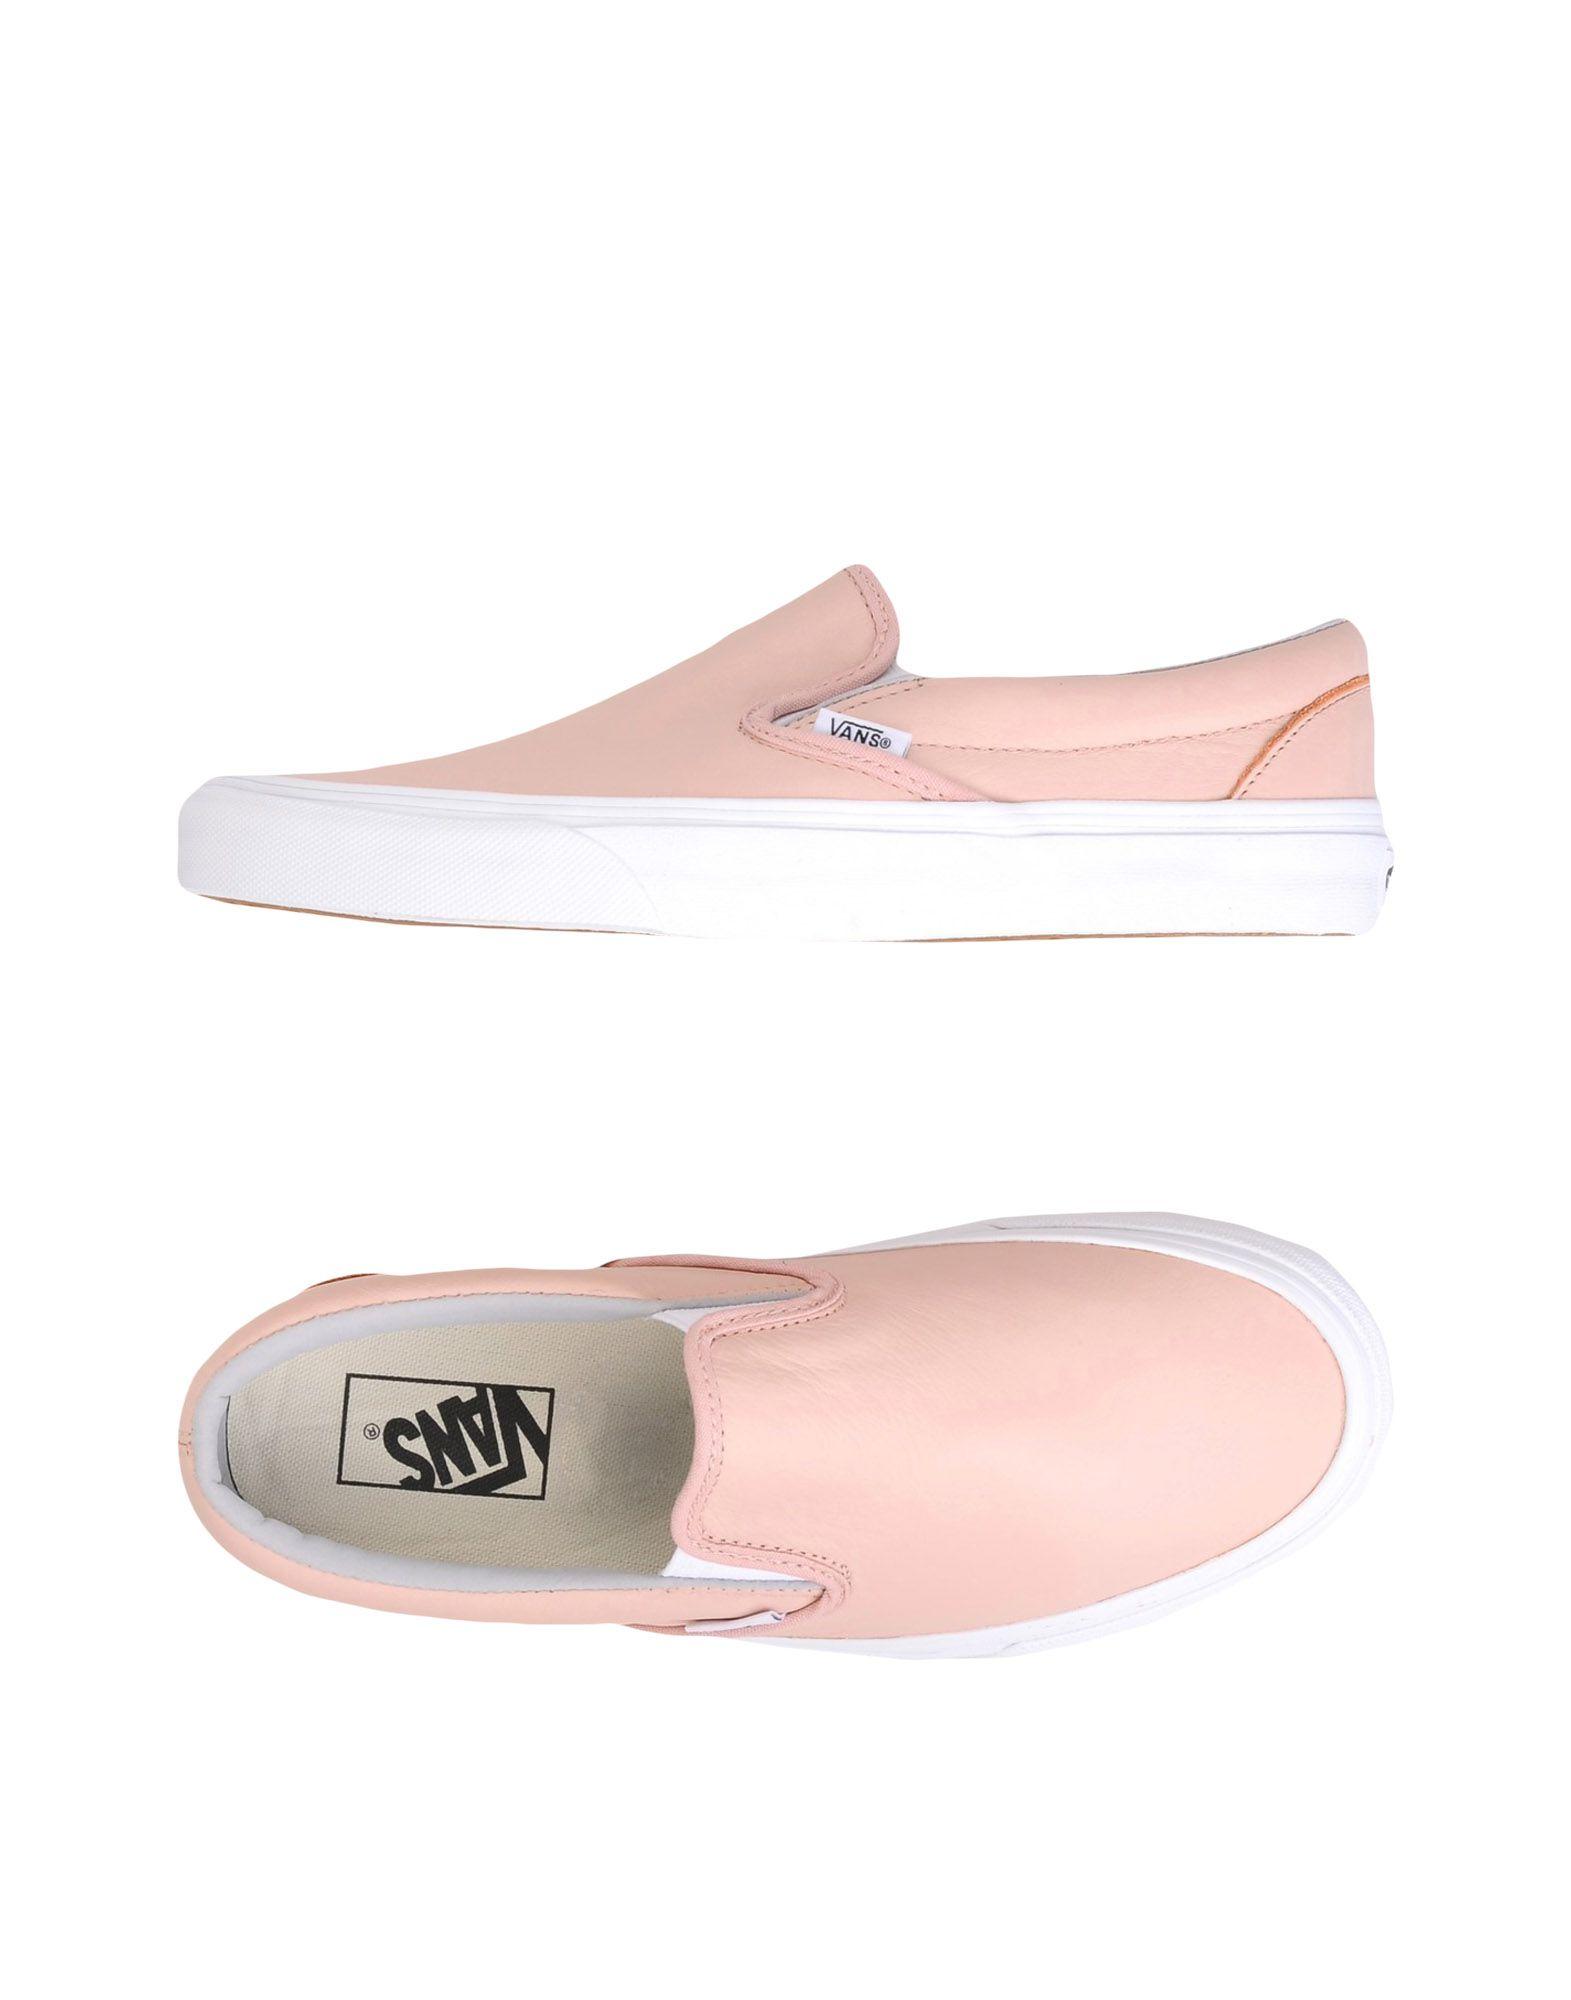 Vans Ua Classic Slip Slip Slip 11452068EV Heiße Schuhe bbc706